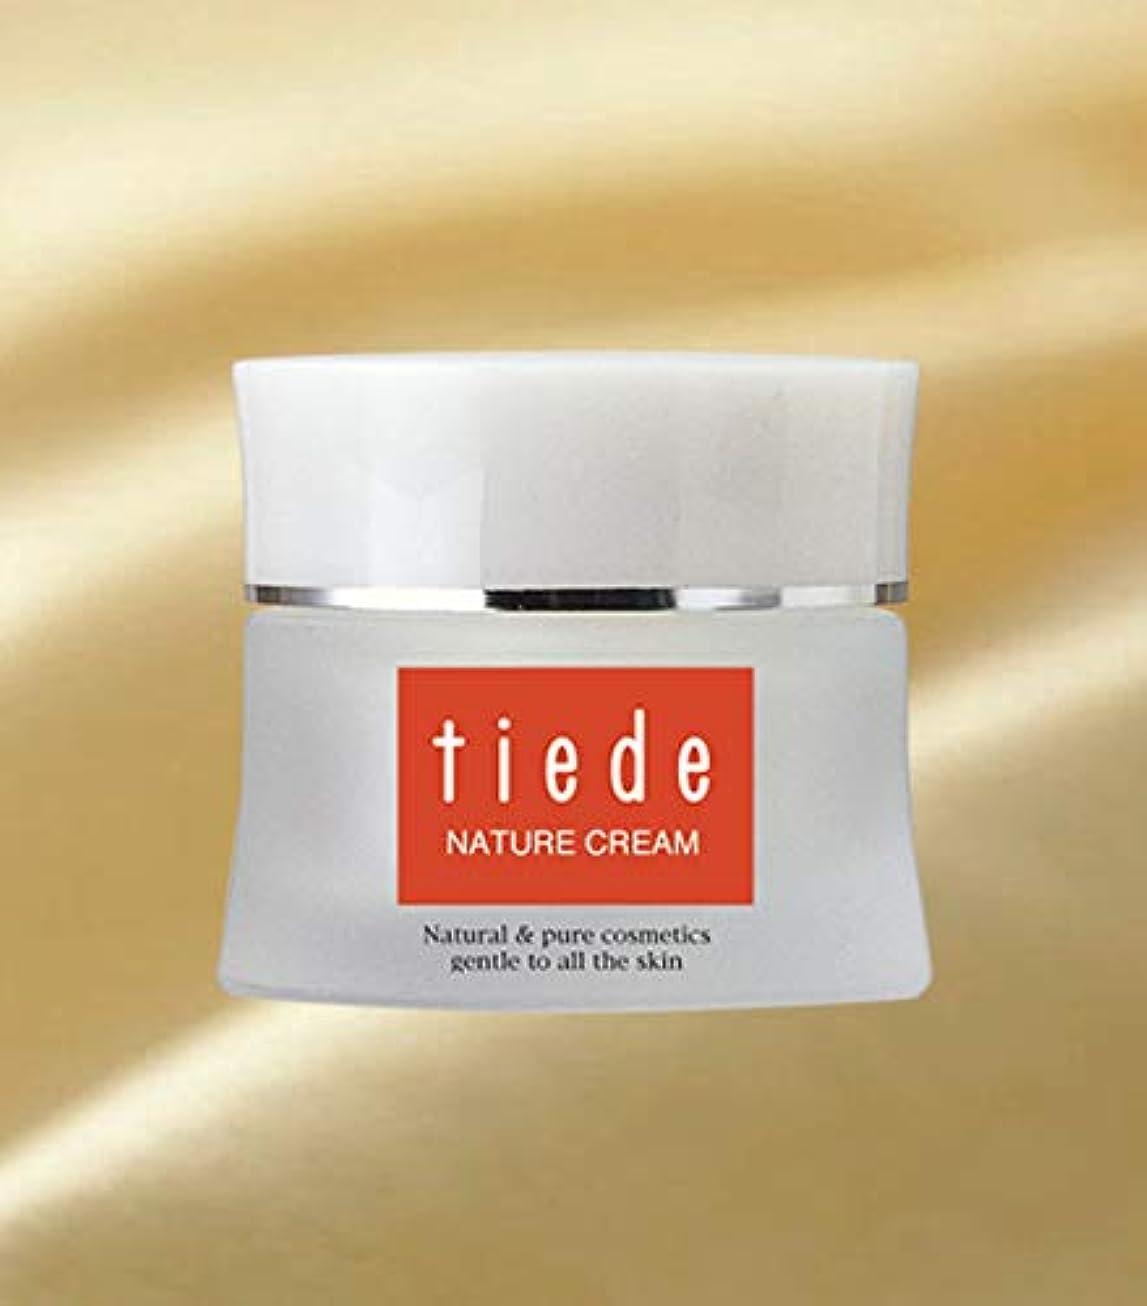 冷蔵庫クレーン東方ティエード ナテュール クリーム(40g) Tiede Natural Cream